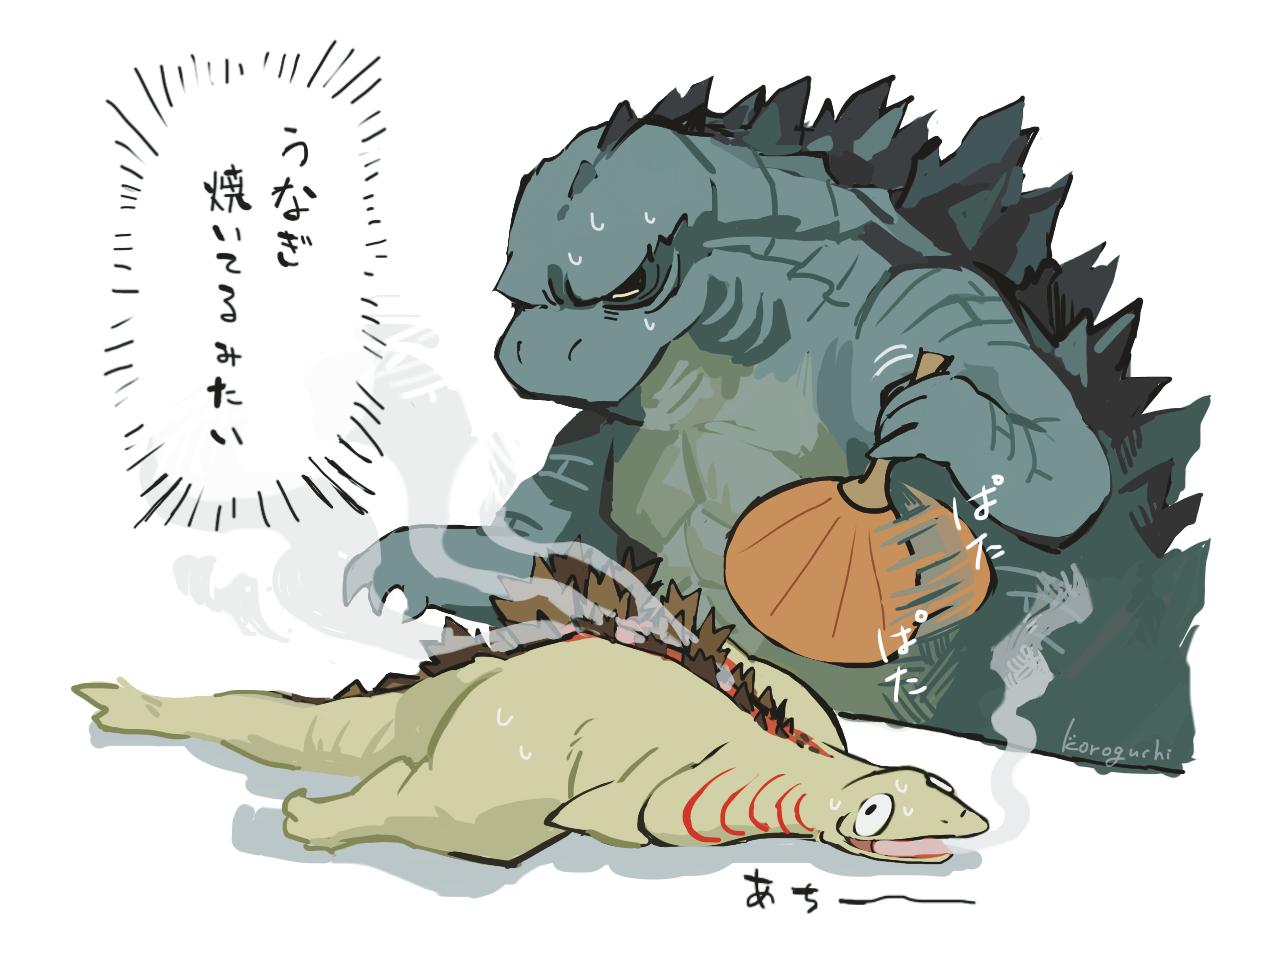 Pin by cookie on Kaiju monsters   Godzilla funny, Godzilla ...